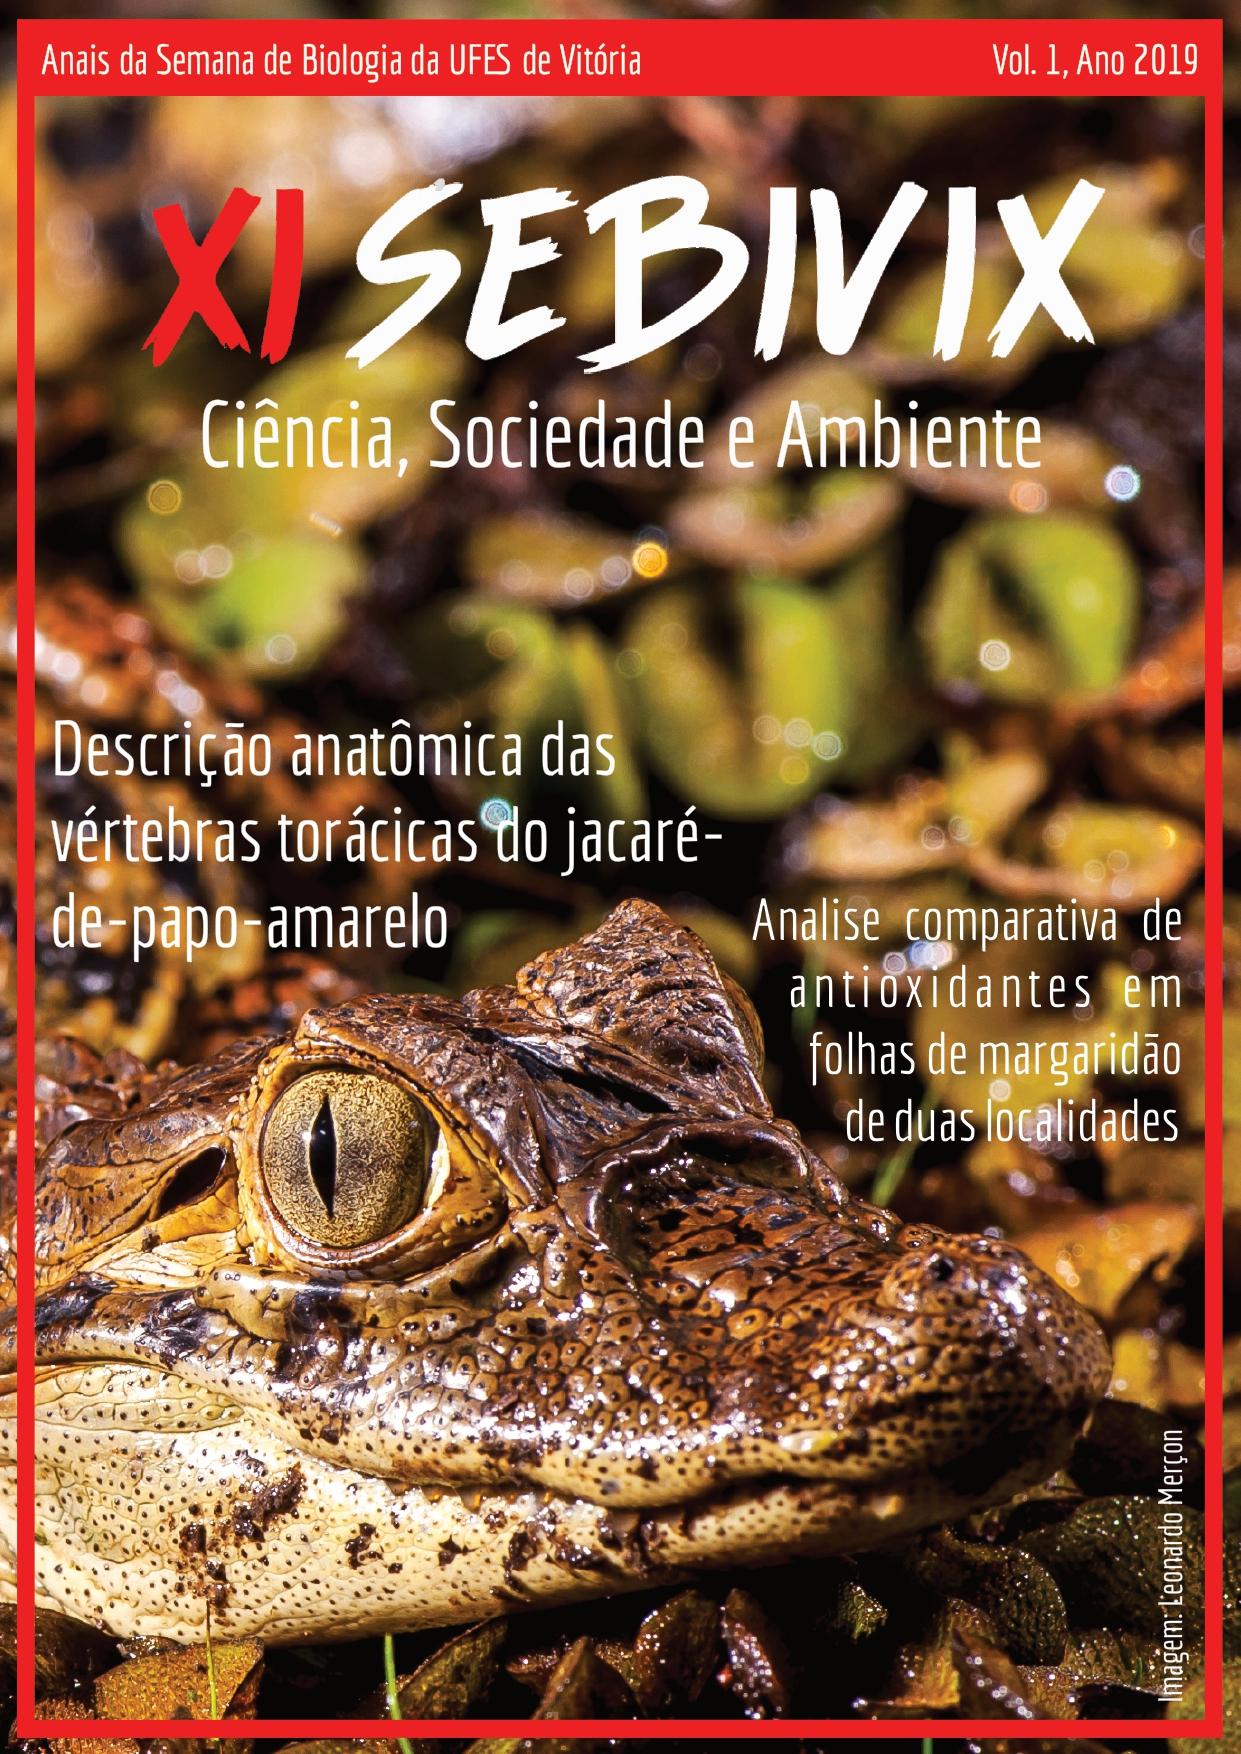 Anais da SeBiVix vol. 1 (2019); Imagem: Leonardo Merçon (Instituto Últimos Refúgios)